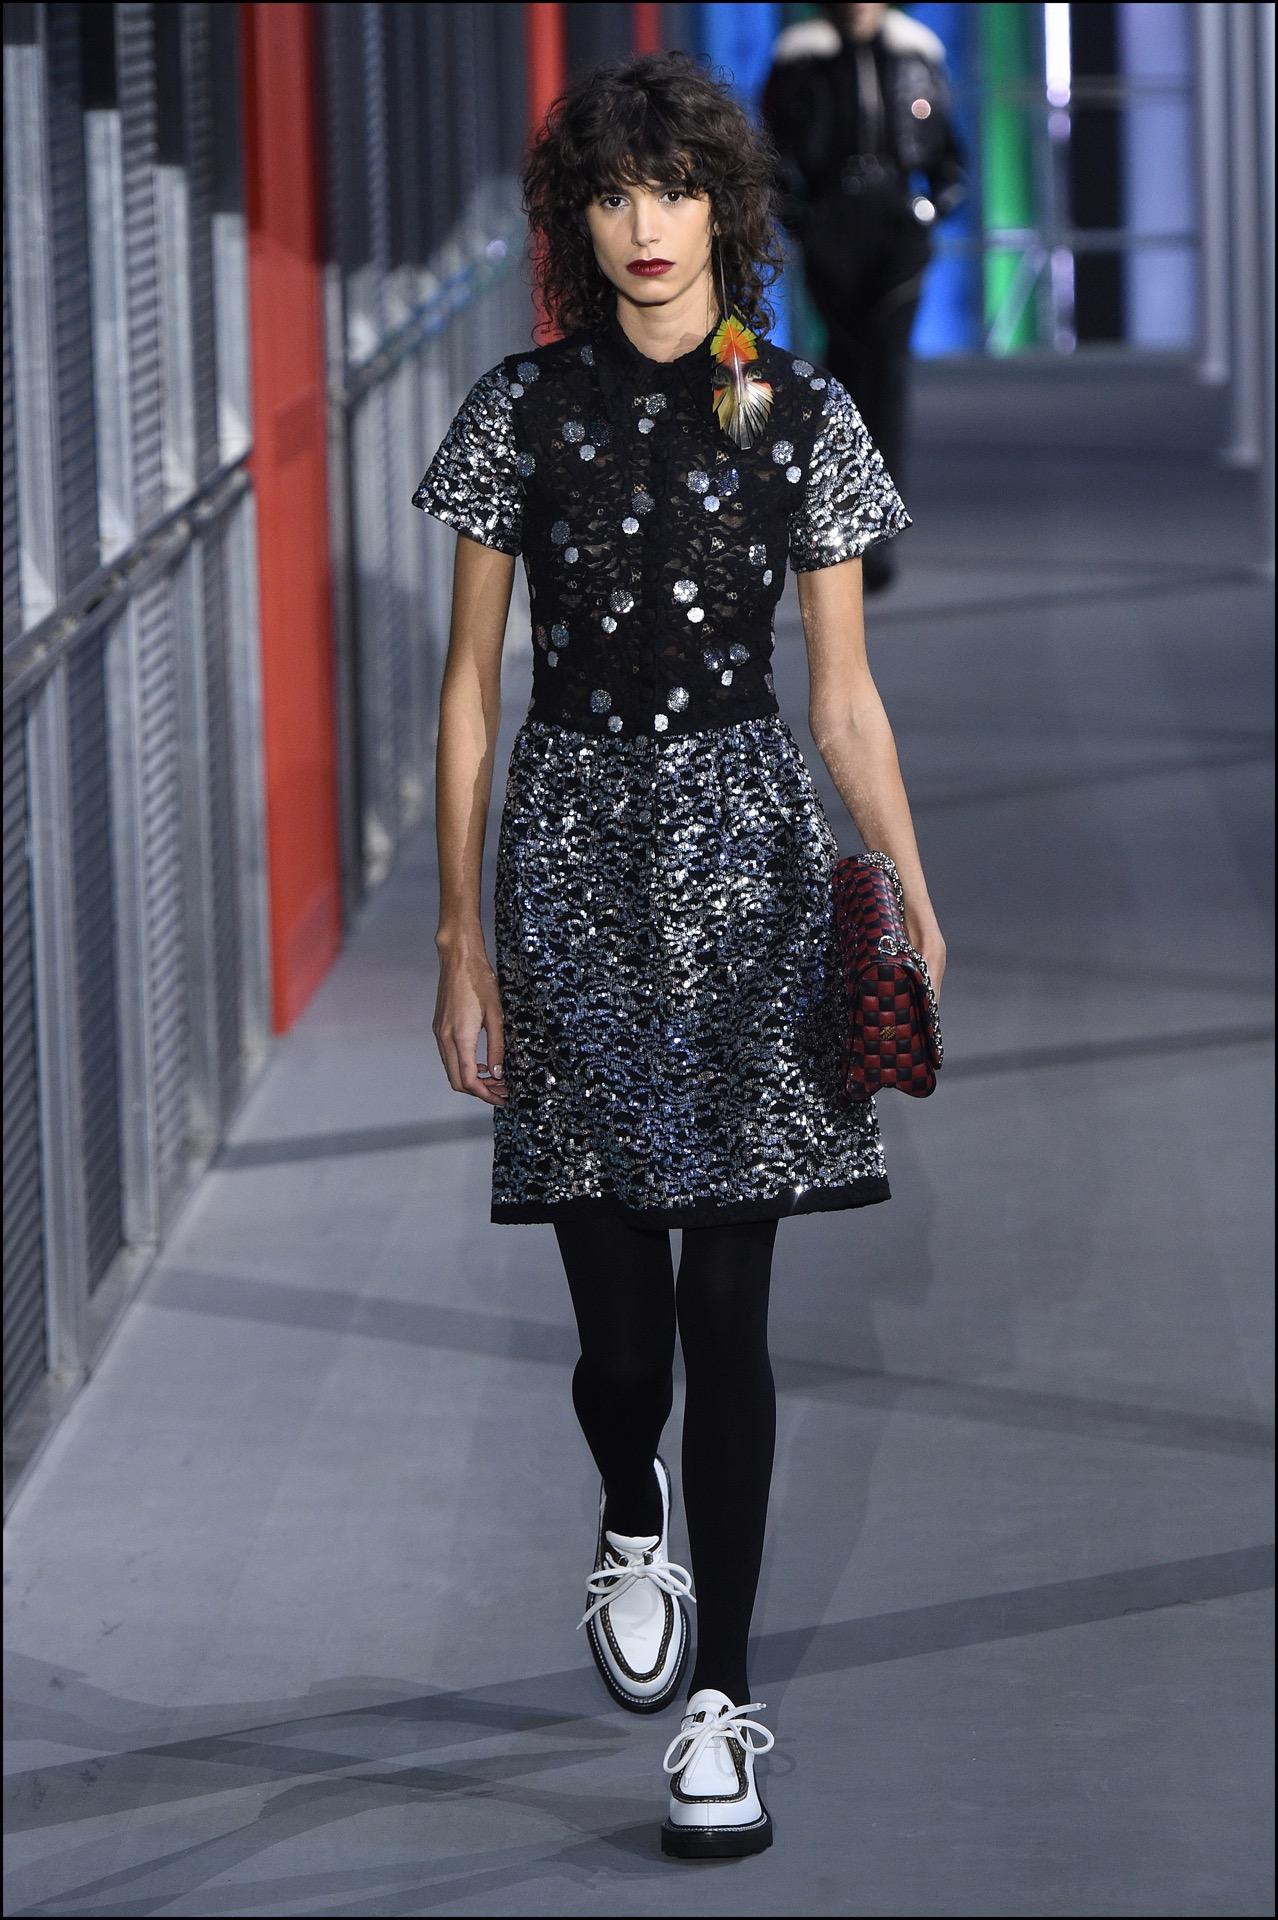 La modelo argentina Mica Argañaraz en la pasarela de Louis Vuitton.